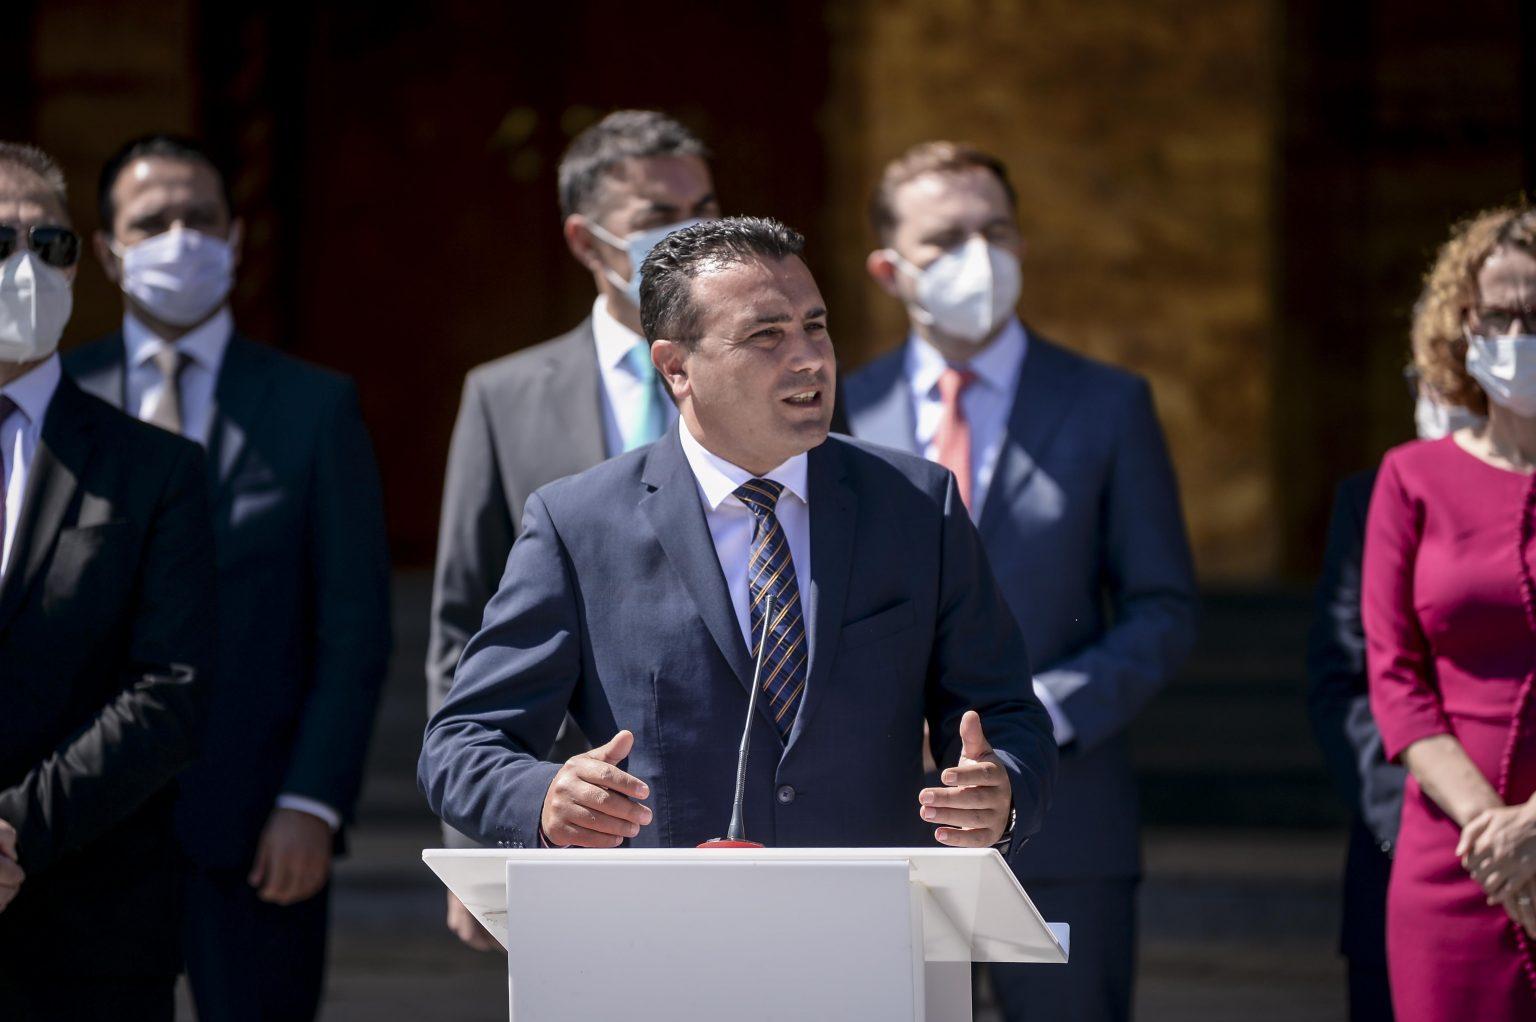 Βόρεια Μακεδονία: Η νέα Κυβέρνηση θα λύσει τα εσωτερικά προβλήματα, δήλωσε ο Zaev